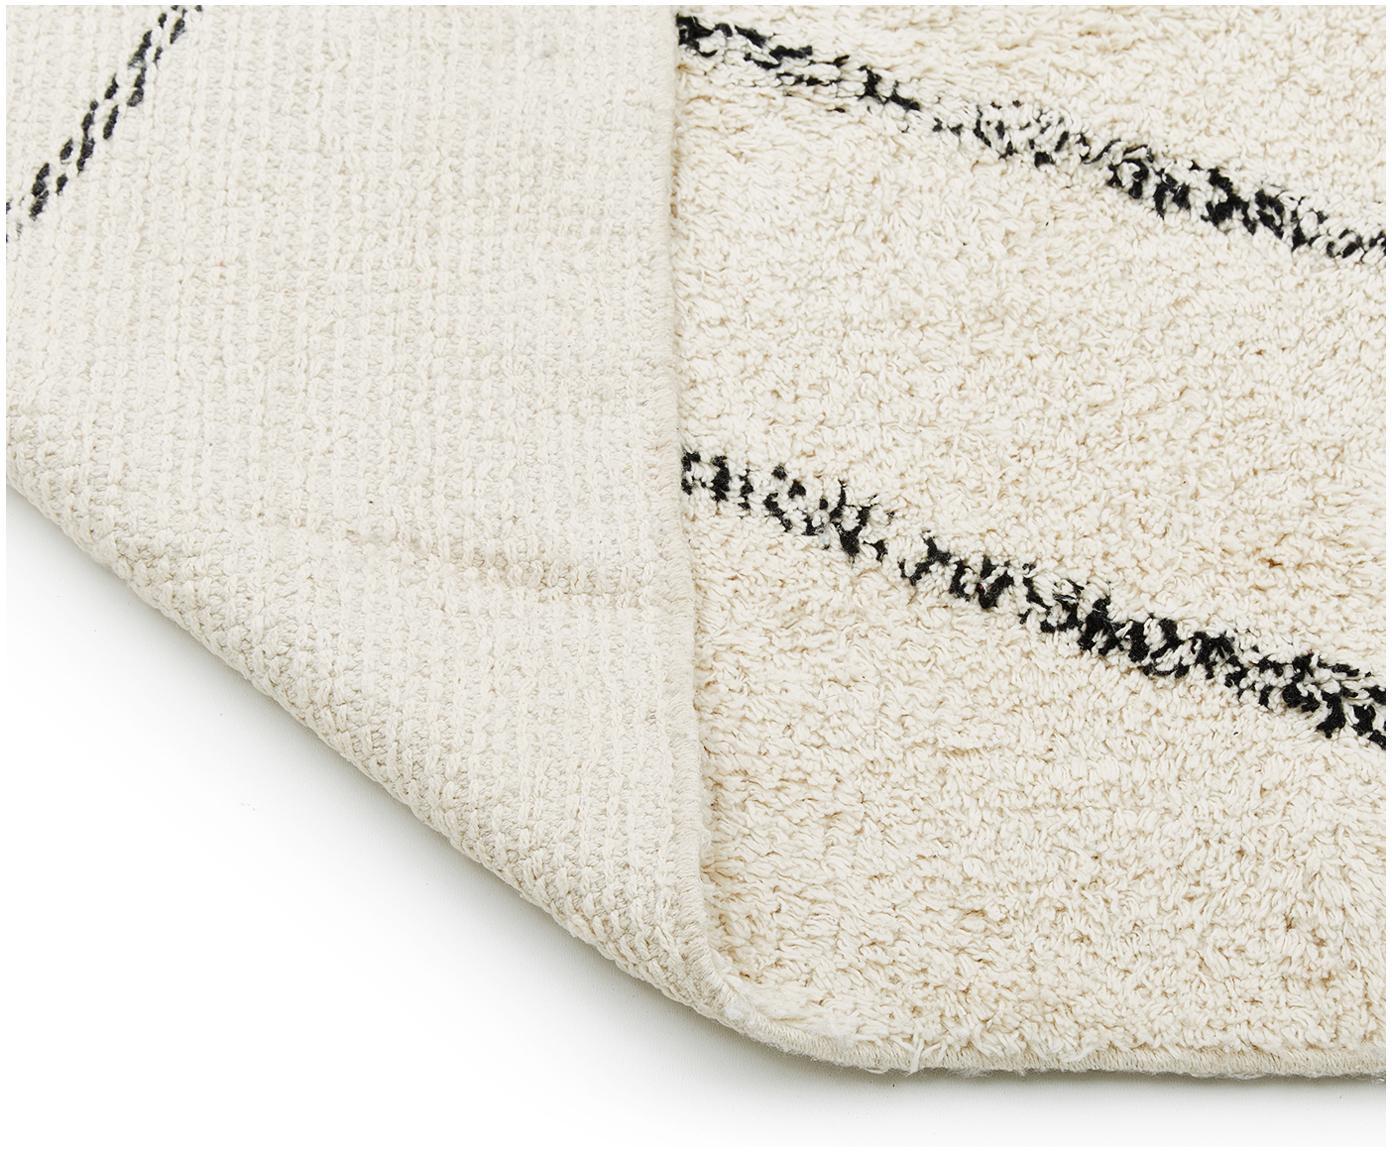 Handgetufteter Baumwollteppich Bina, Beige, Schwarz, B 200 x L 300 cm (Grösse L)